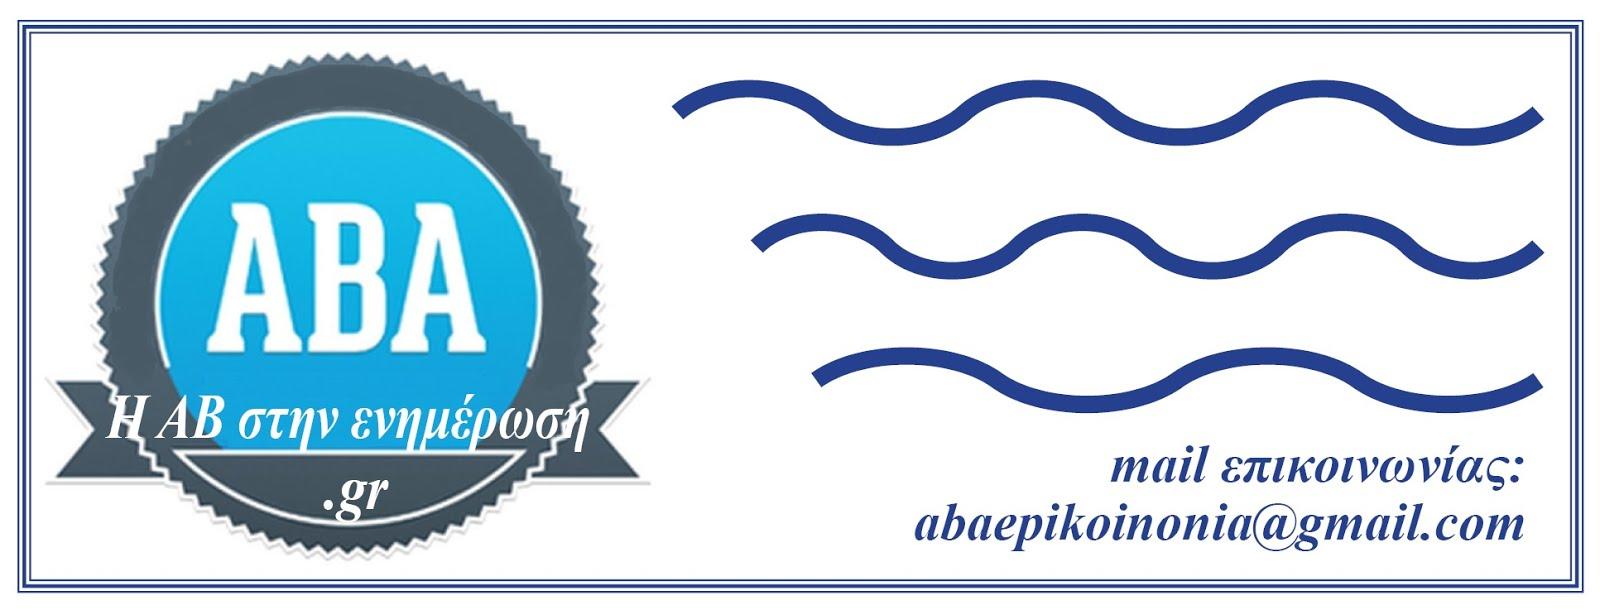 ABA.gr